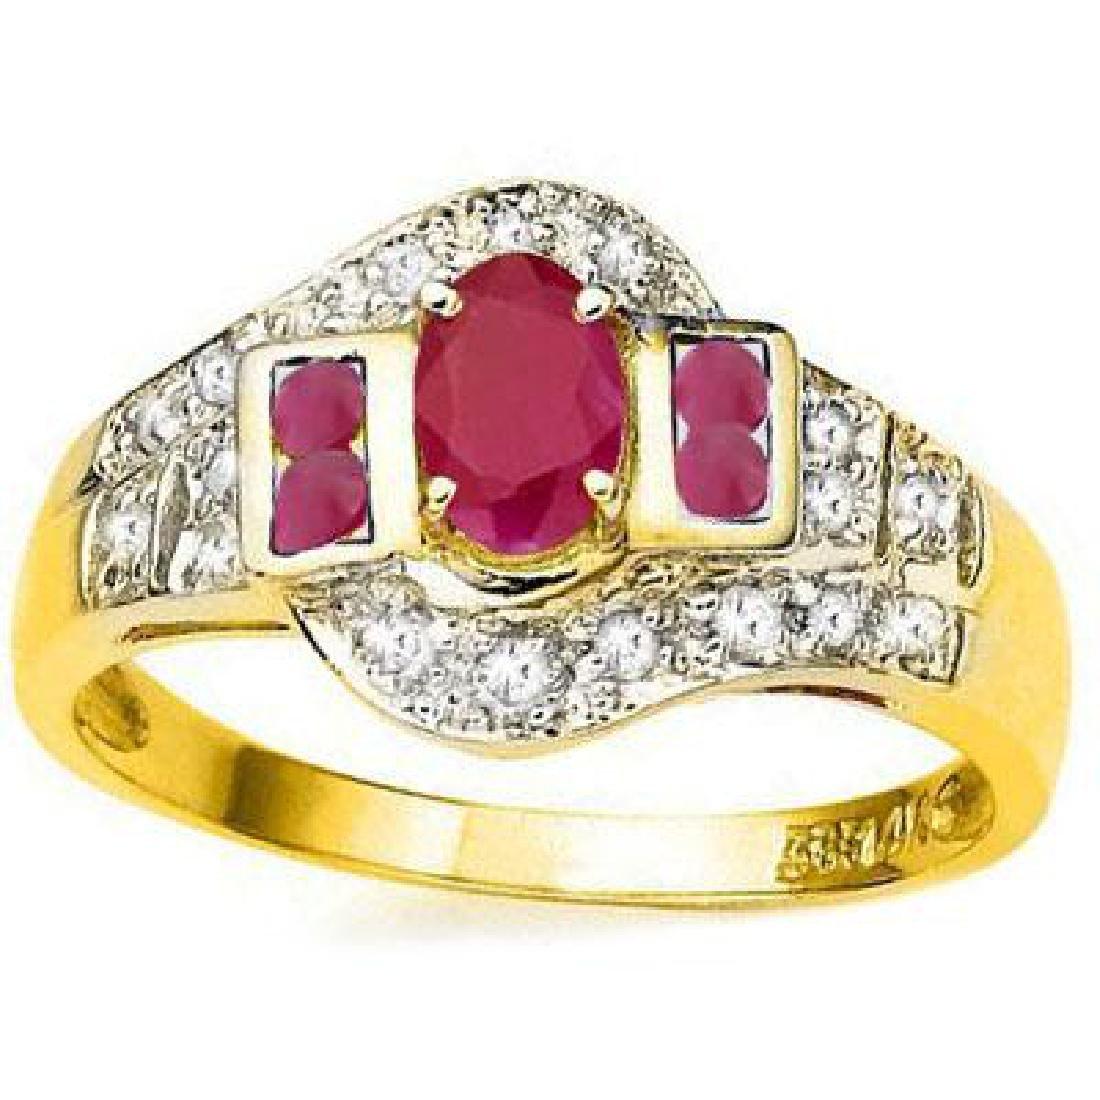 SMASHING 10K GOLD GENUINE RUBY/DIAMOND ESTATE RING